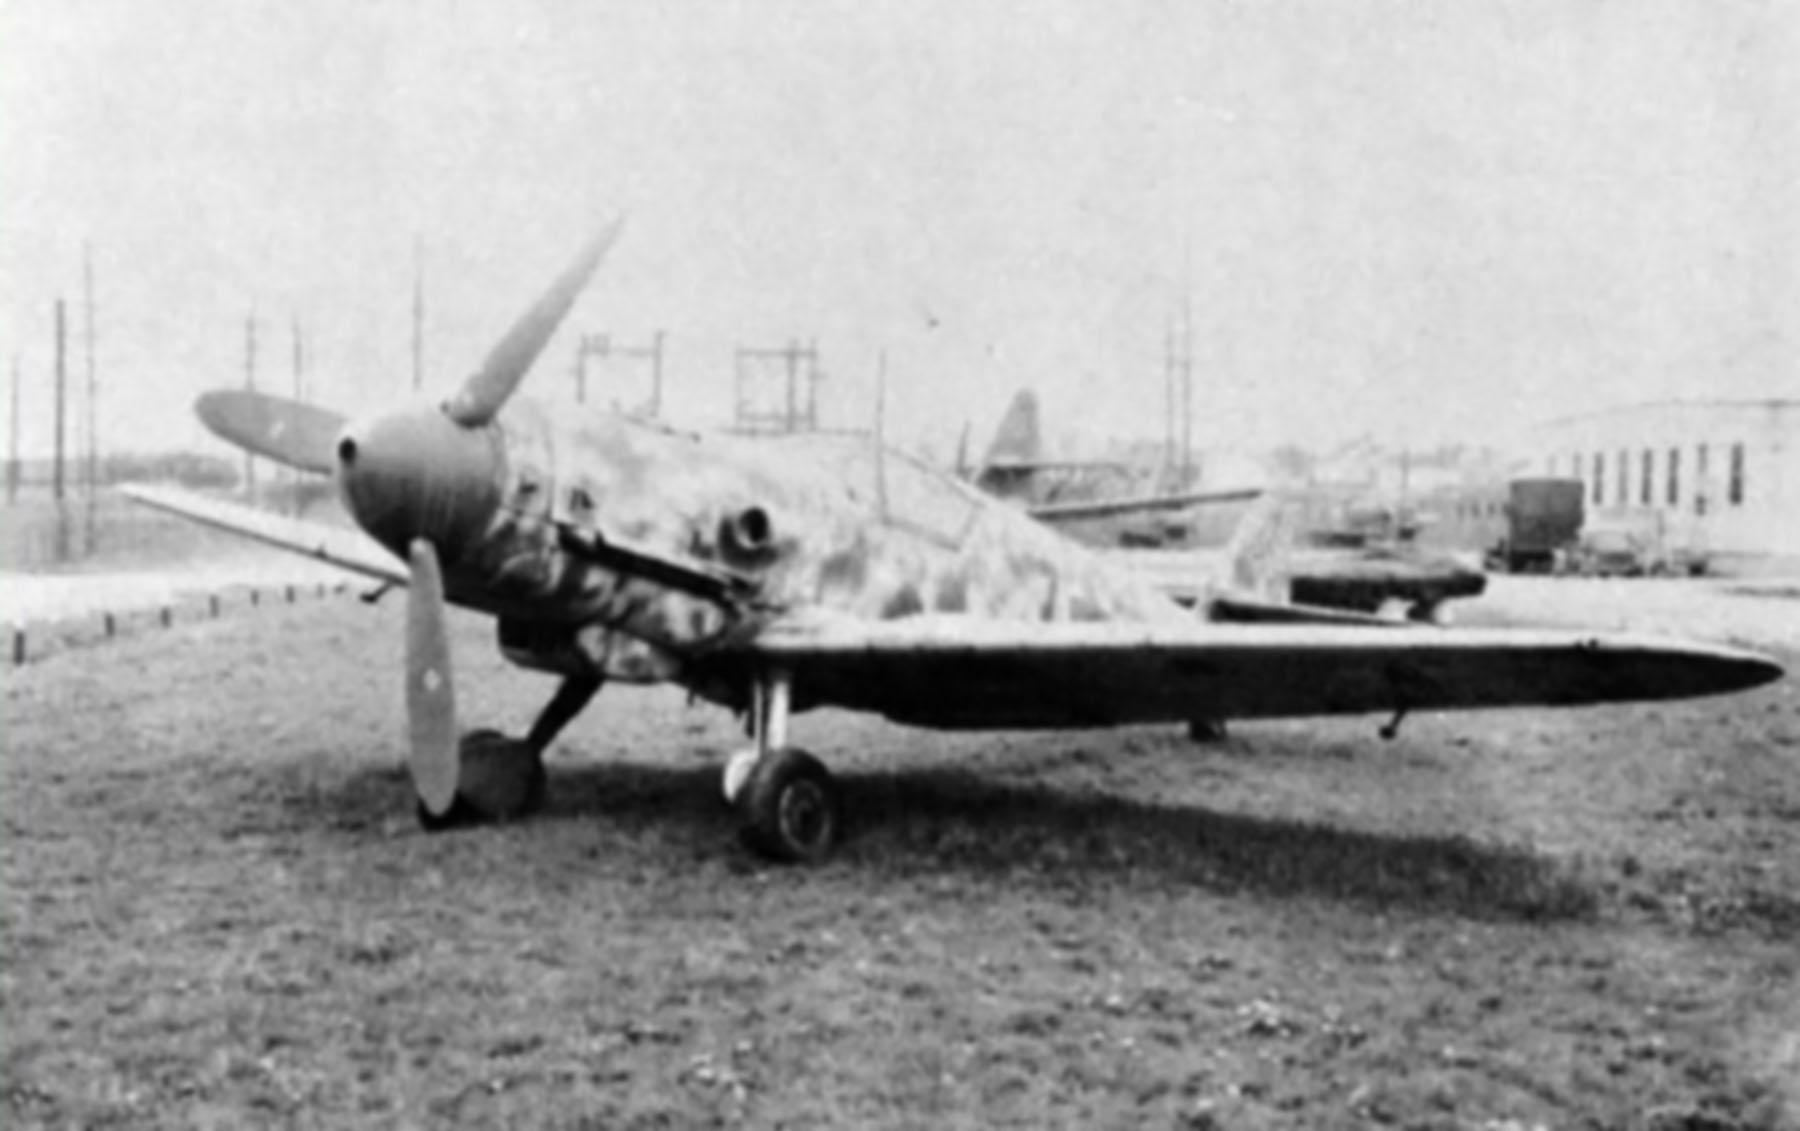 Messerschmitt Bf 109G10 Erla Reichsverteidigung unknown unit and pilot 01